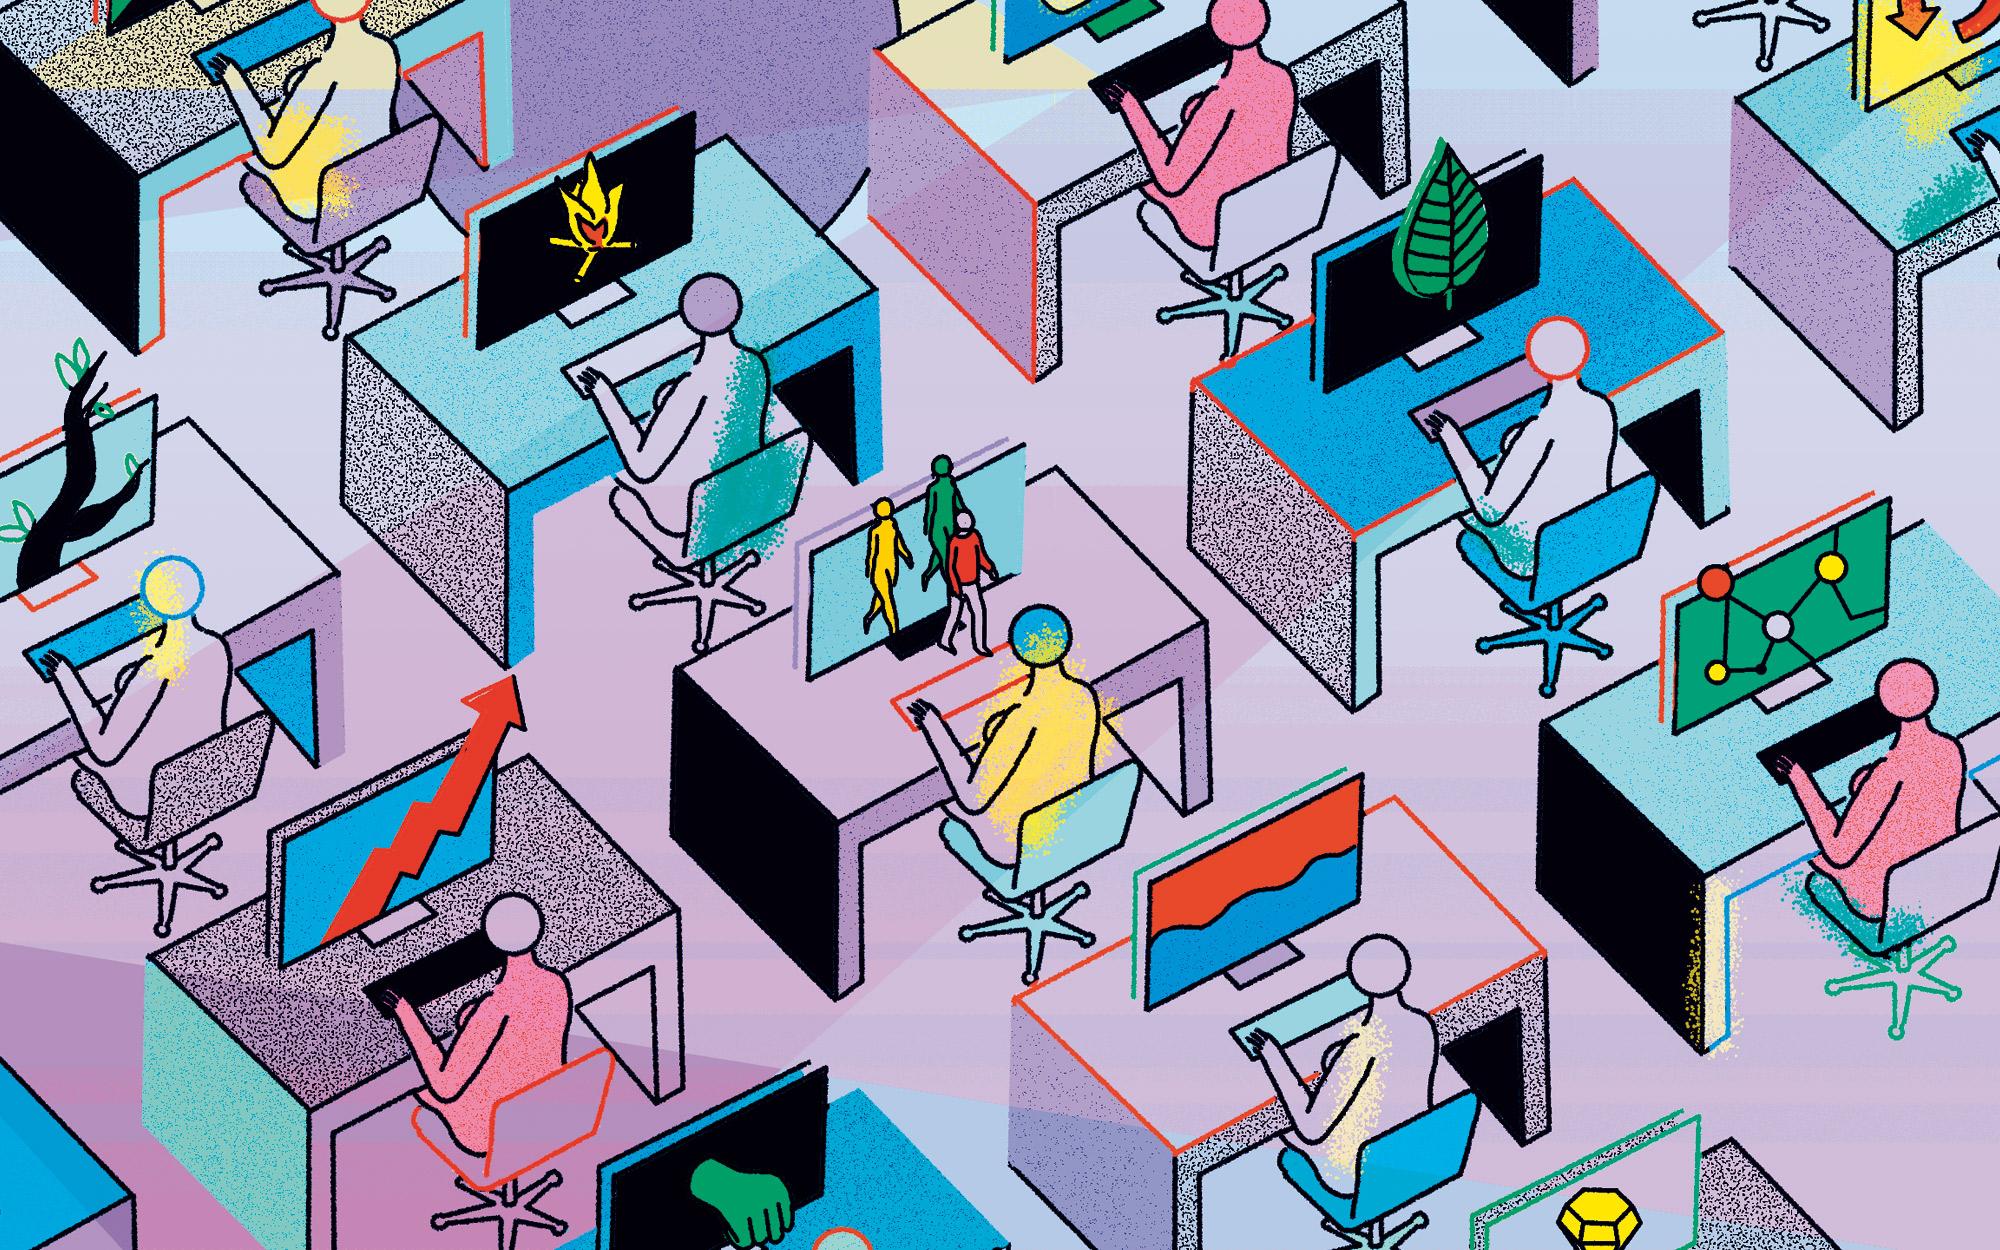 La obesidad digital amenaza nuestro bienestar: cambiemos la dieta